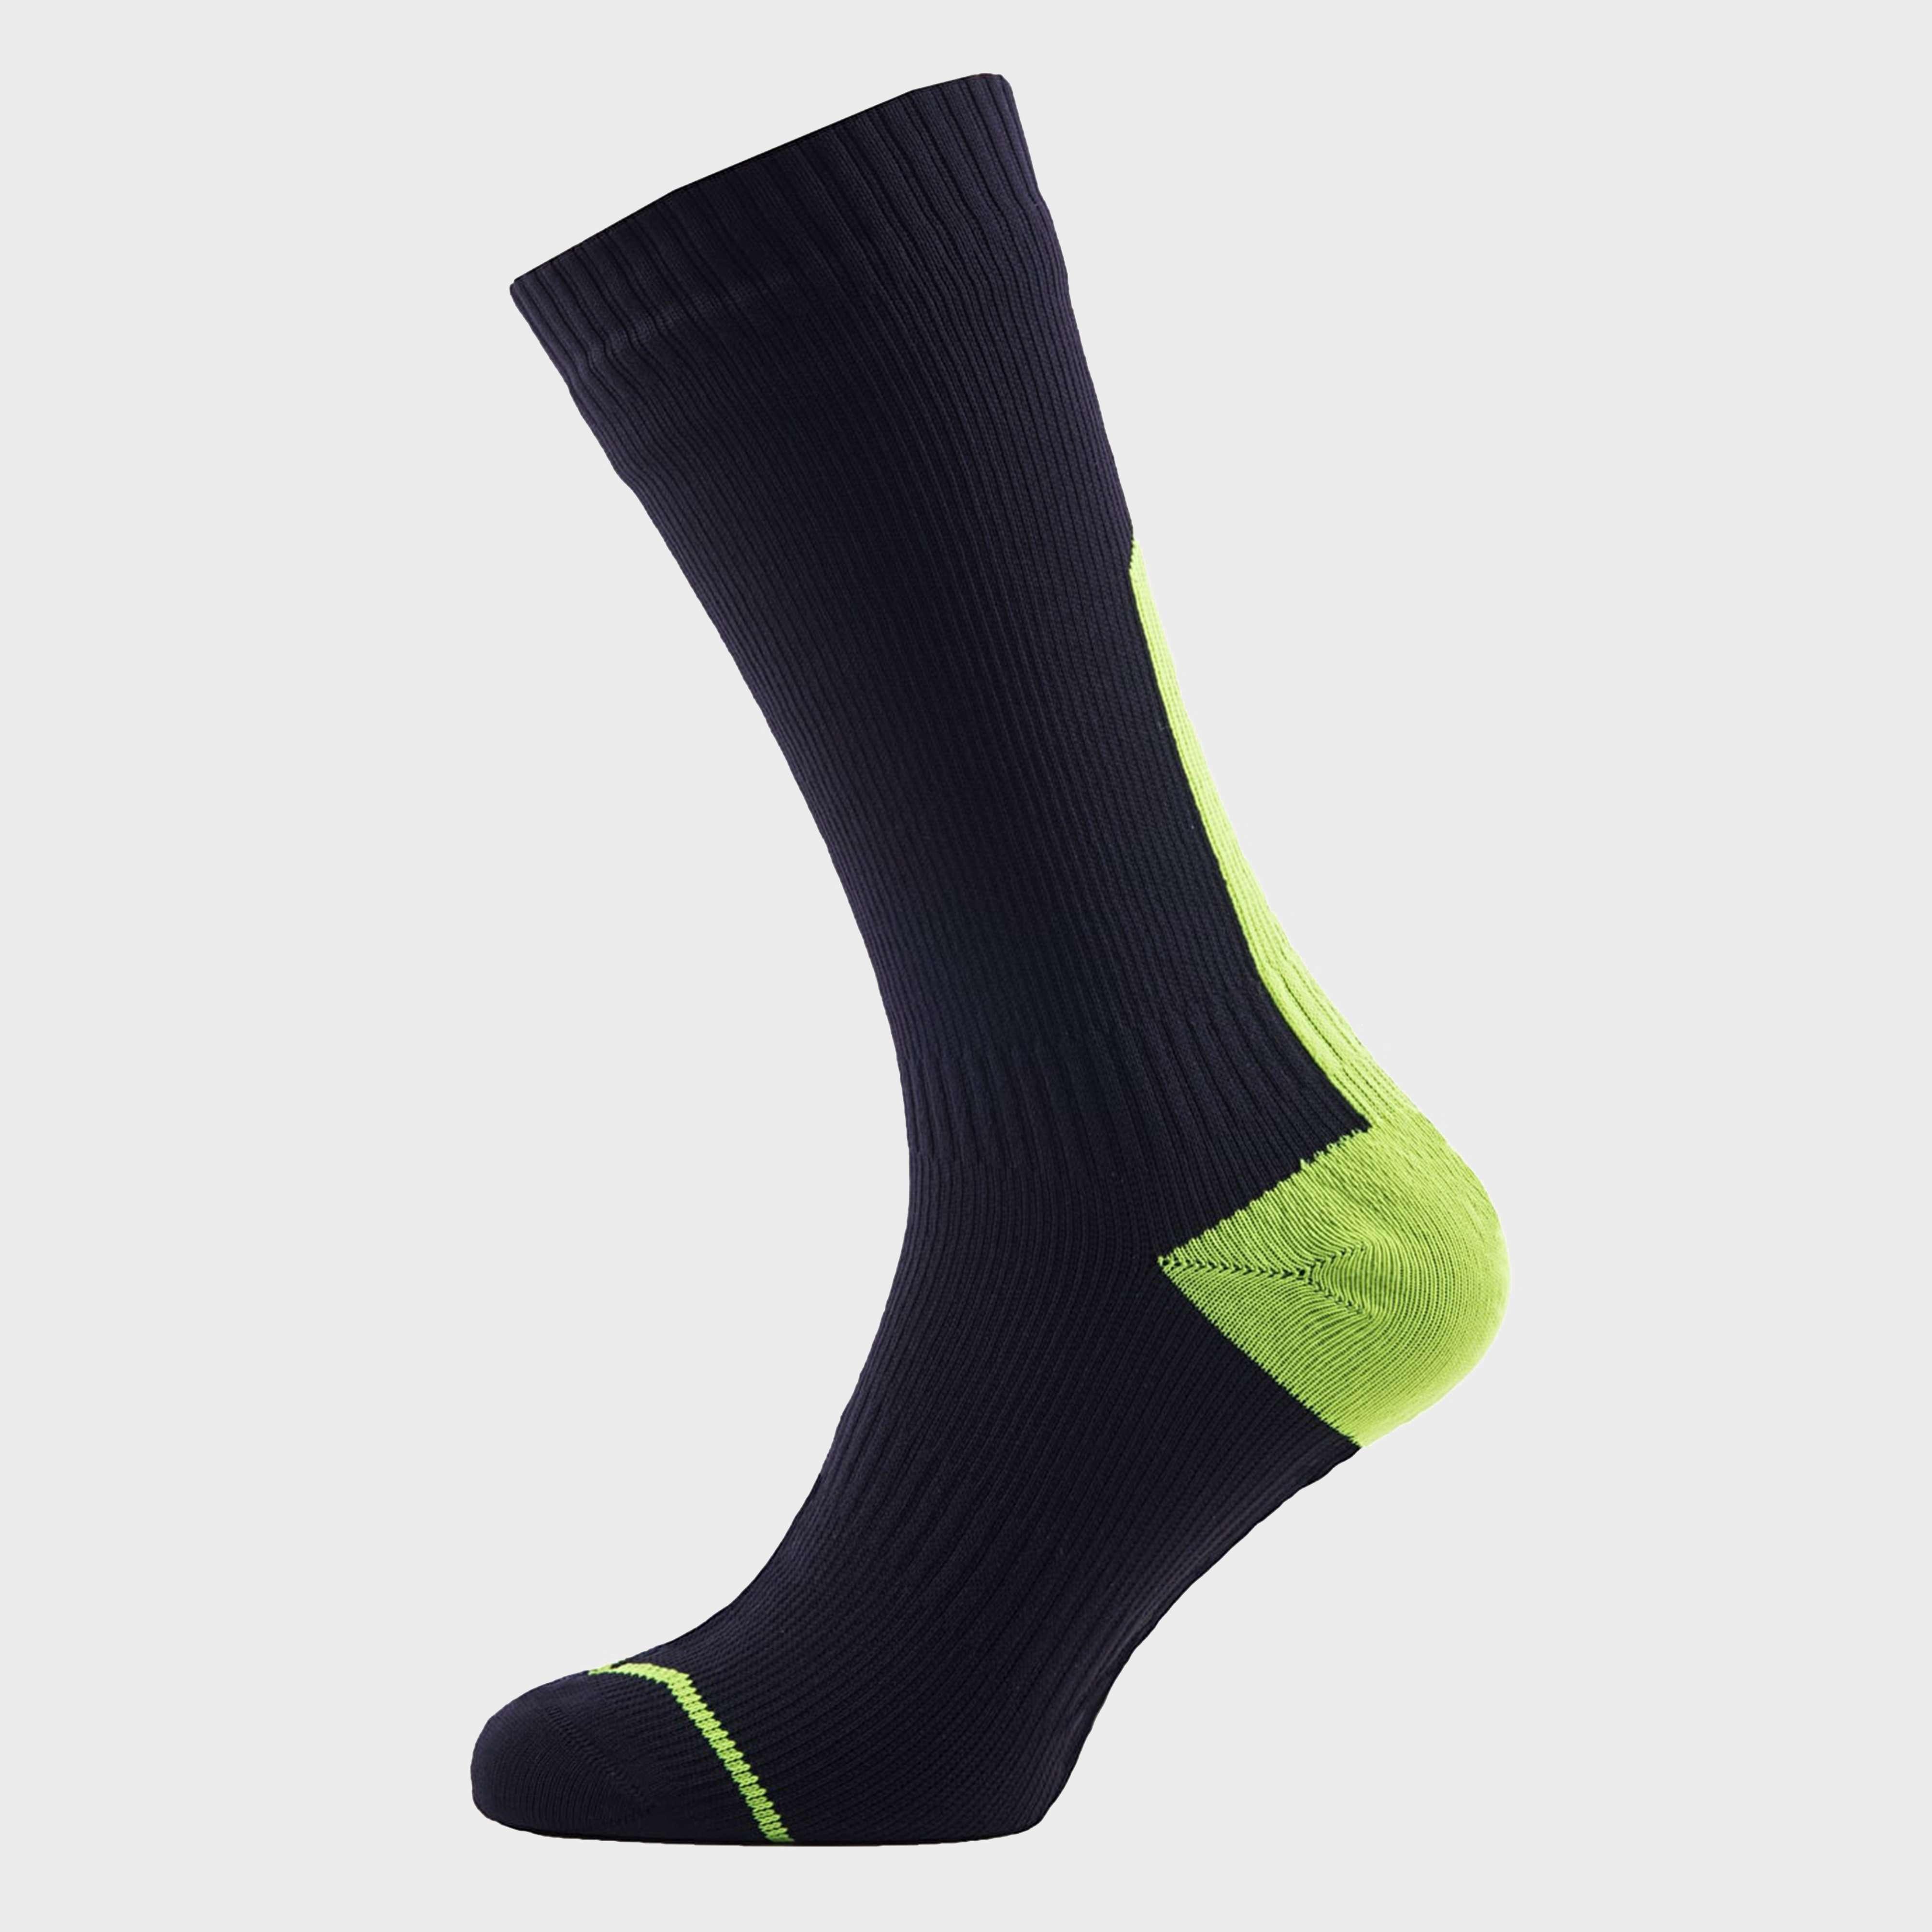 SEALSKINZ Sealskinz Road Thin Mid Socks with Hydrostop